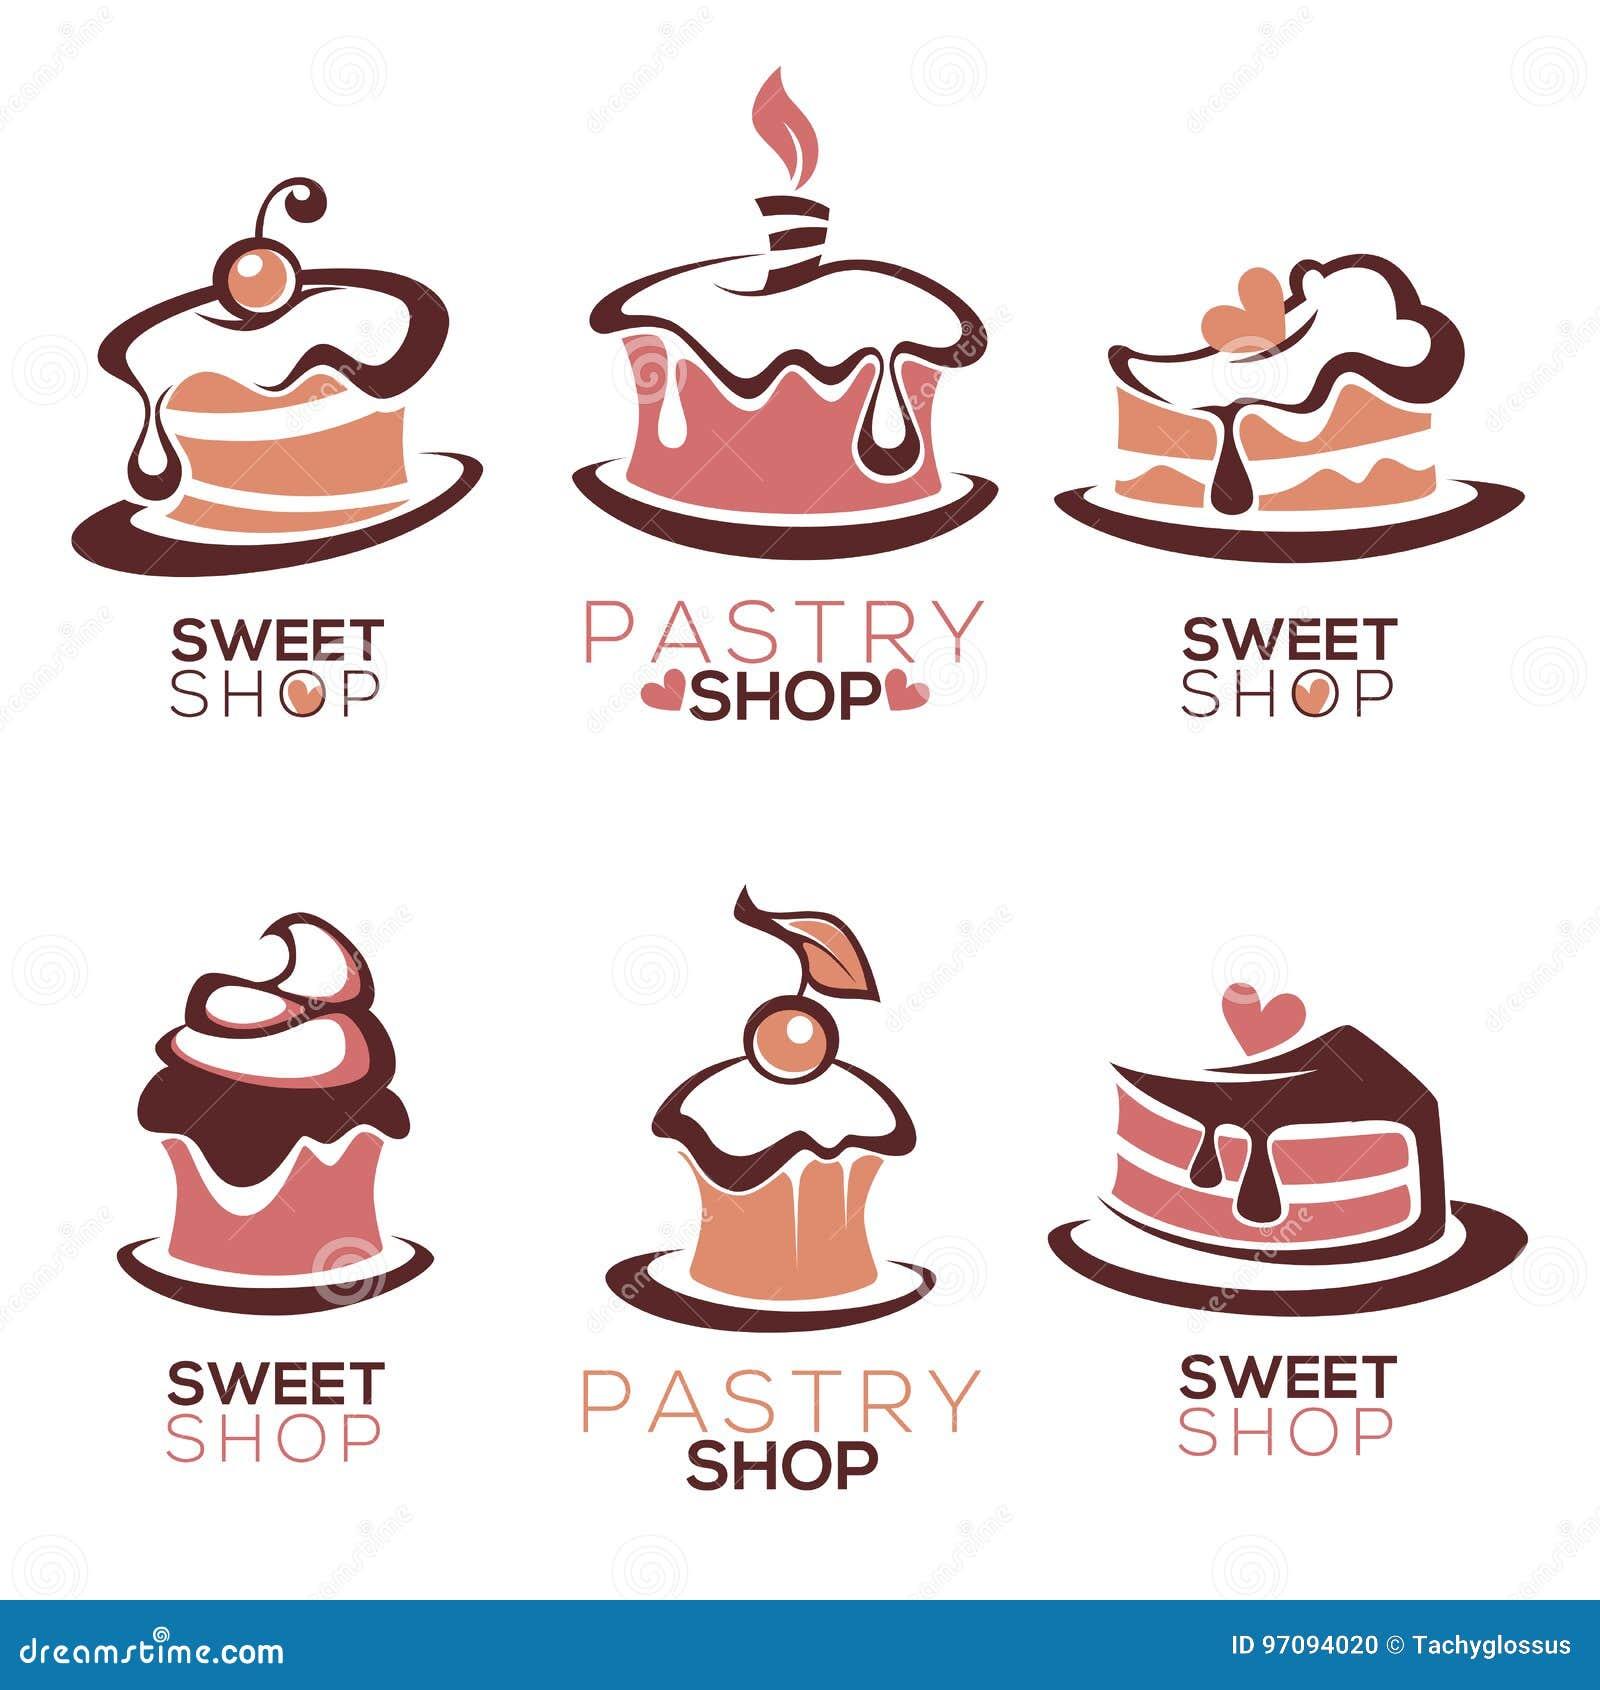 面包店,酥皮点心,糖果店,蛋糕,点心,甜点购物,